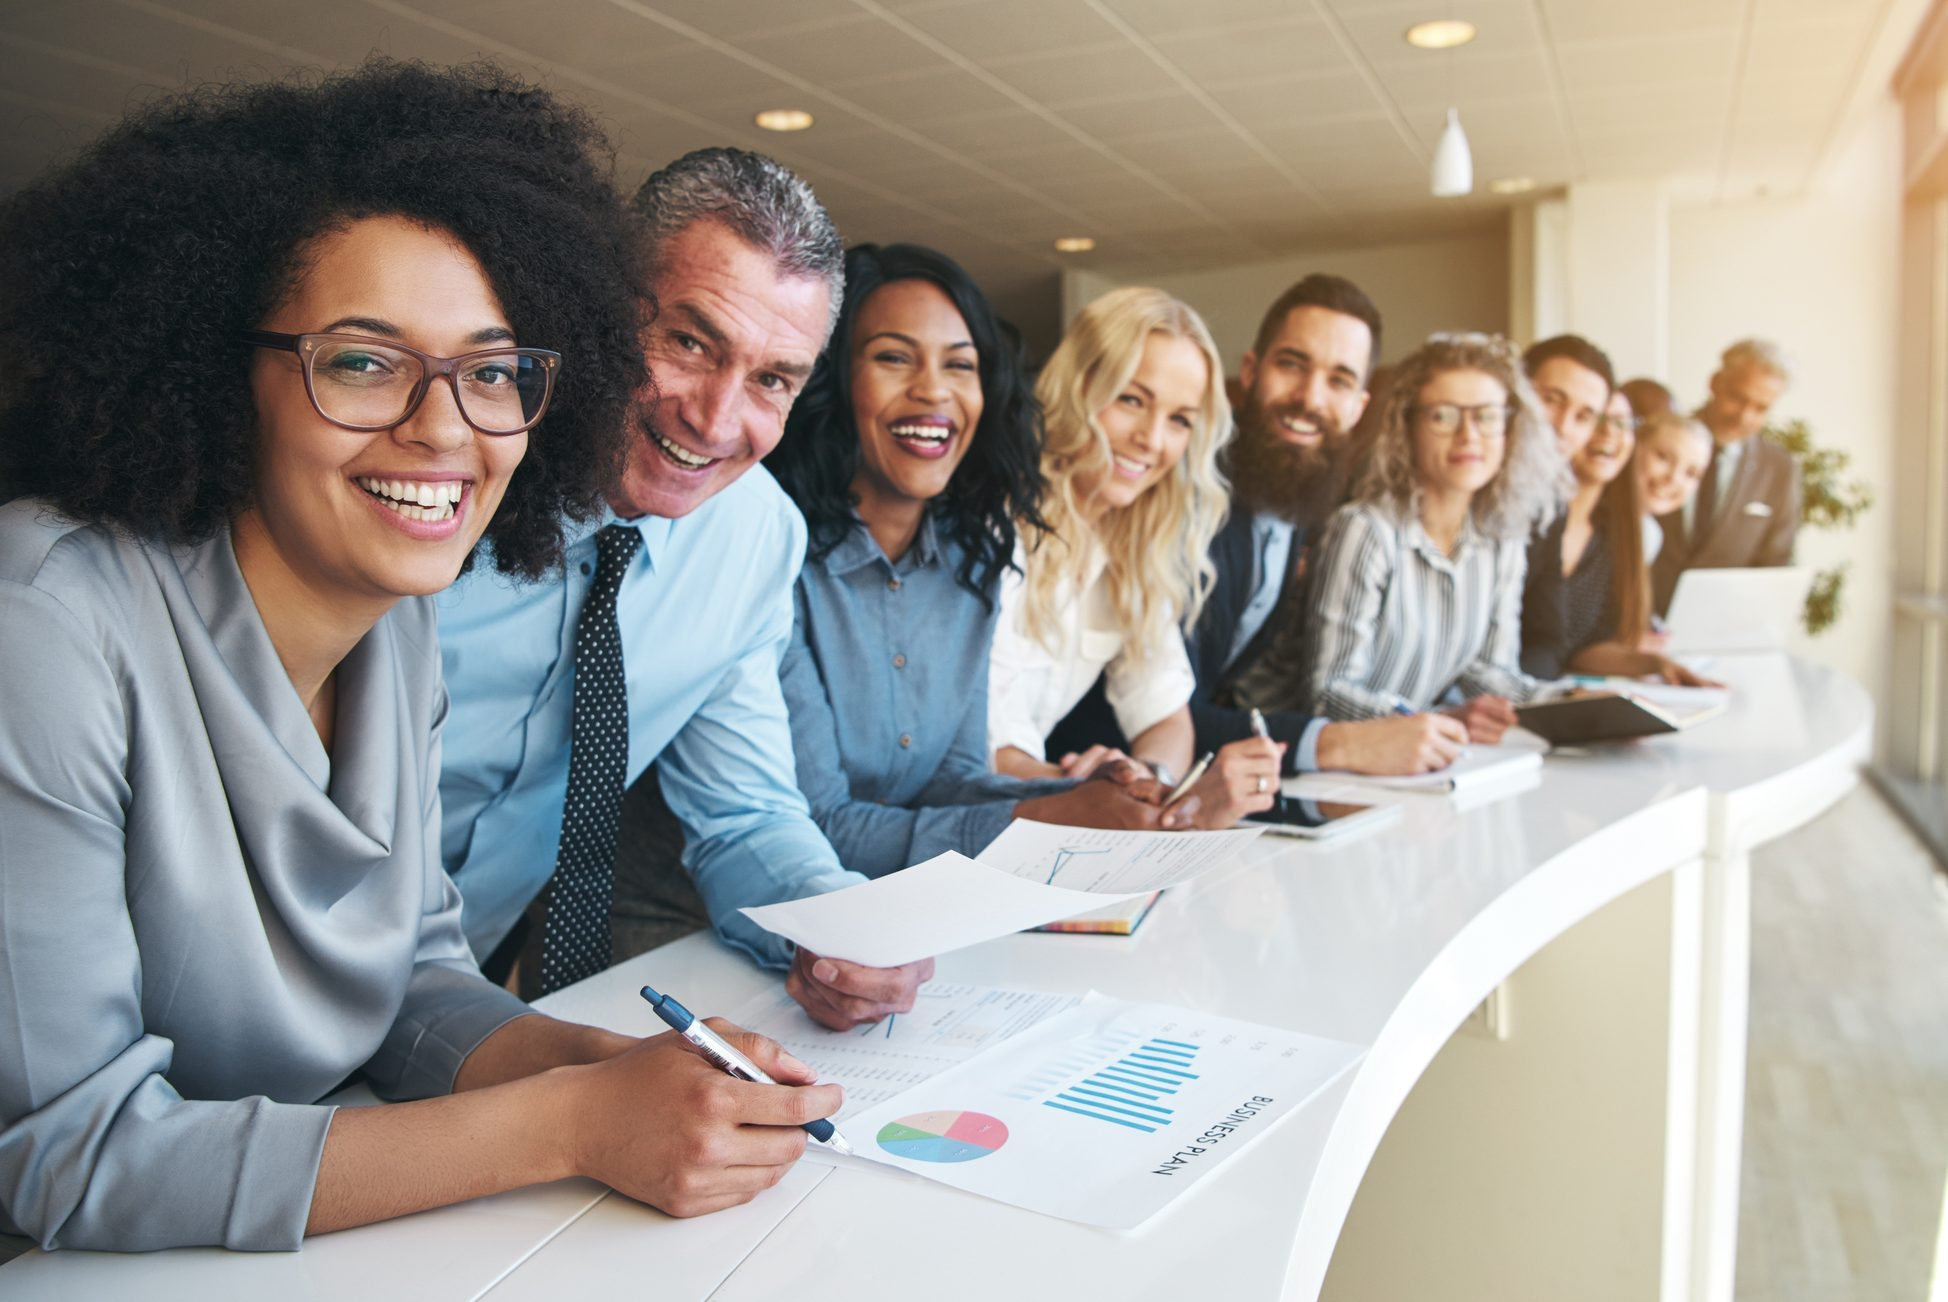 Diversidade na empresa traz dinheiro e felicidade | Exame